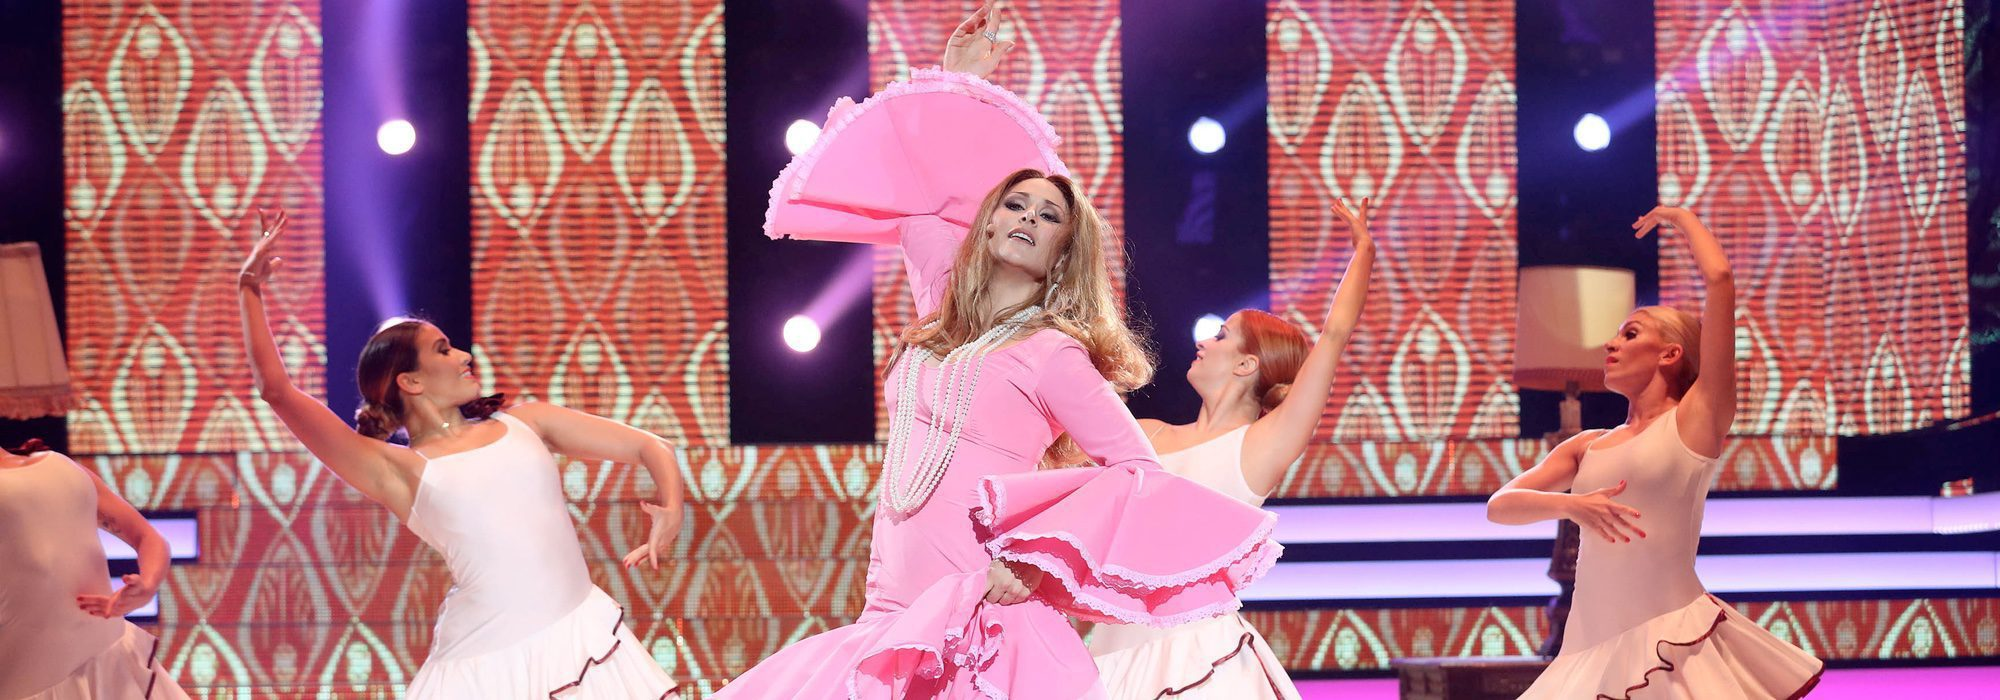 Antena 3 (13,3%) lidera diciembre arrebatándole el puesto a Telecinco (12,8%) tras 27 meses de reinado